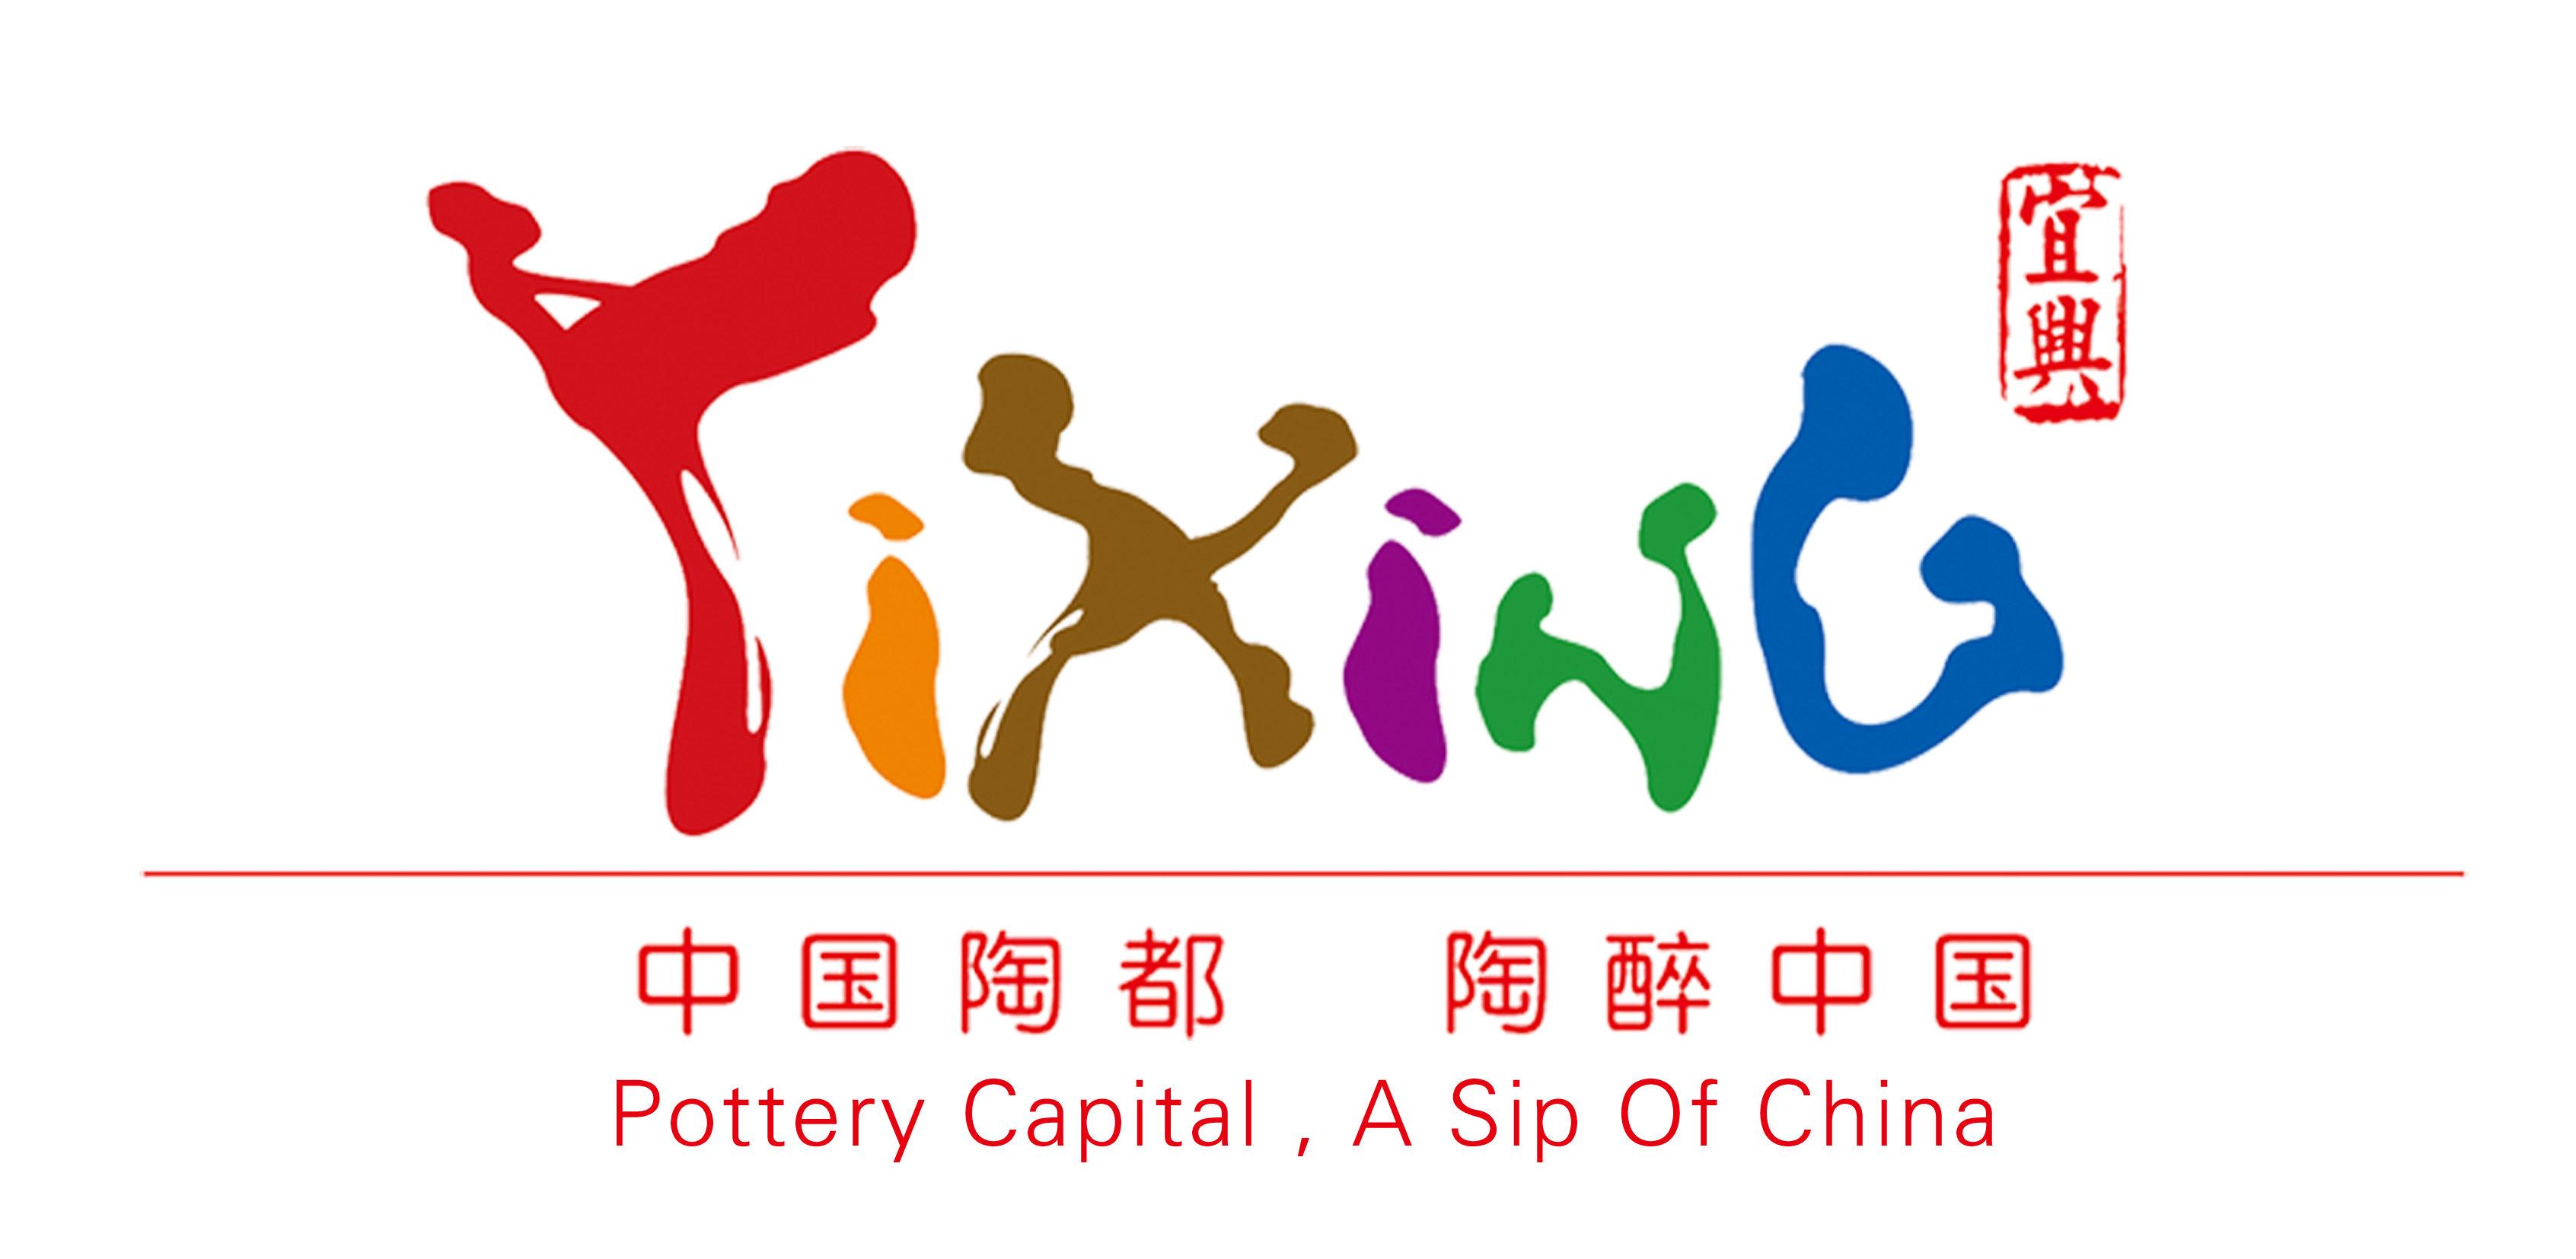 logo logo 标志 设计 矢量 矢量图 素材 图标 3384_1654